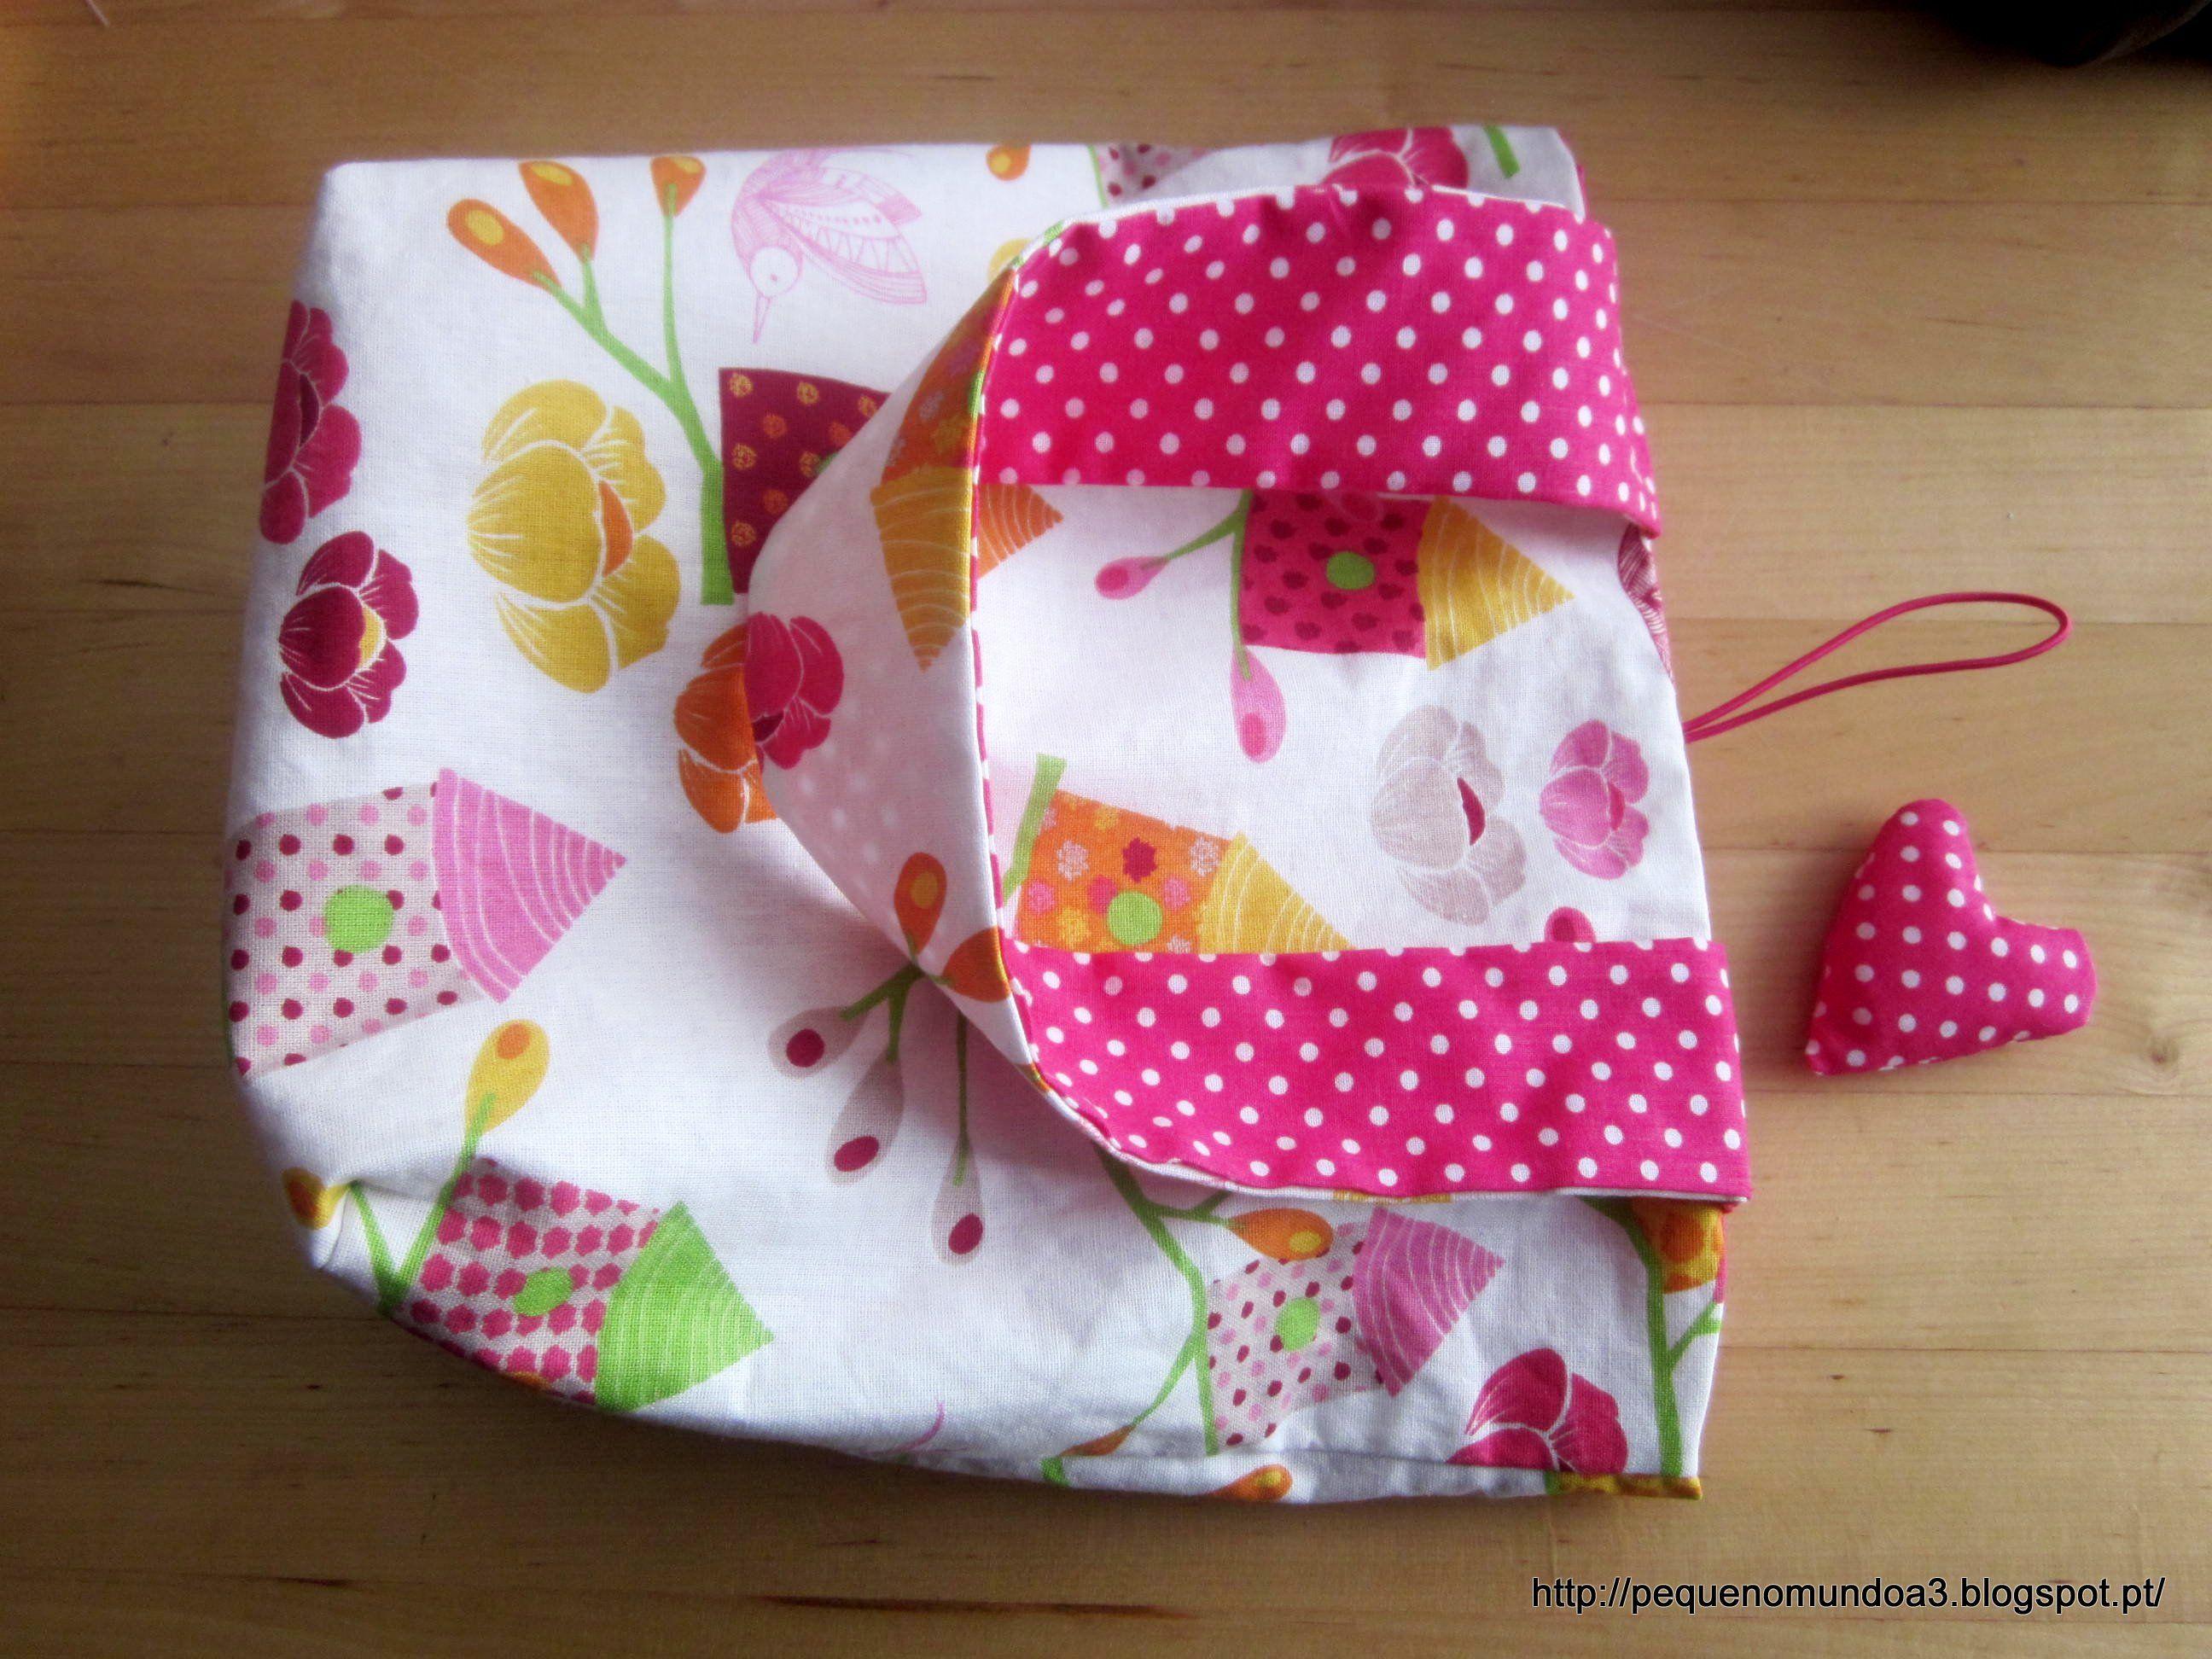 http://pequenomundoa3.blogspot.pt/